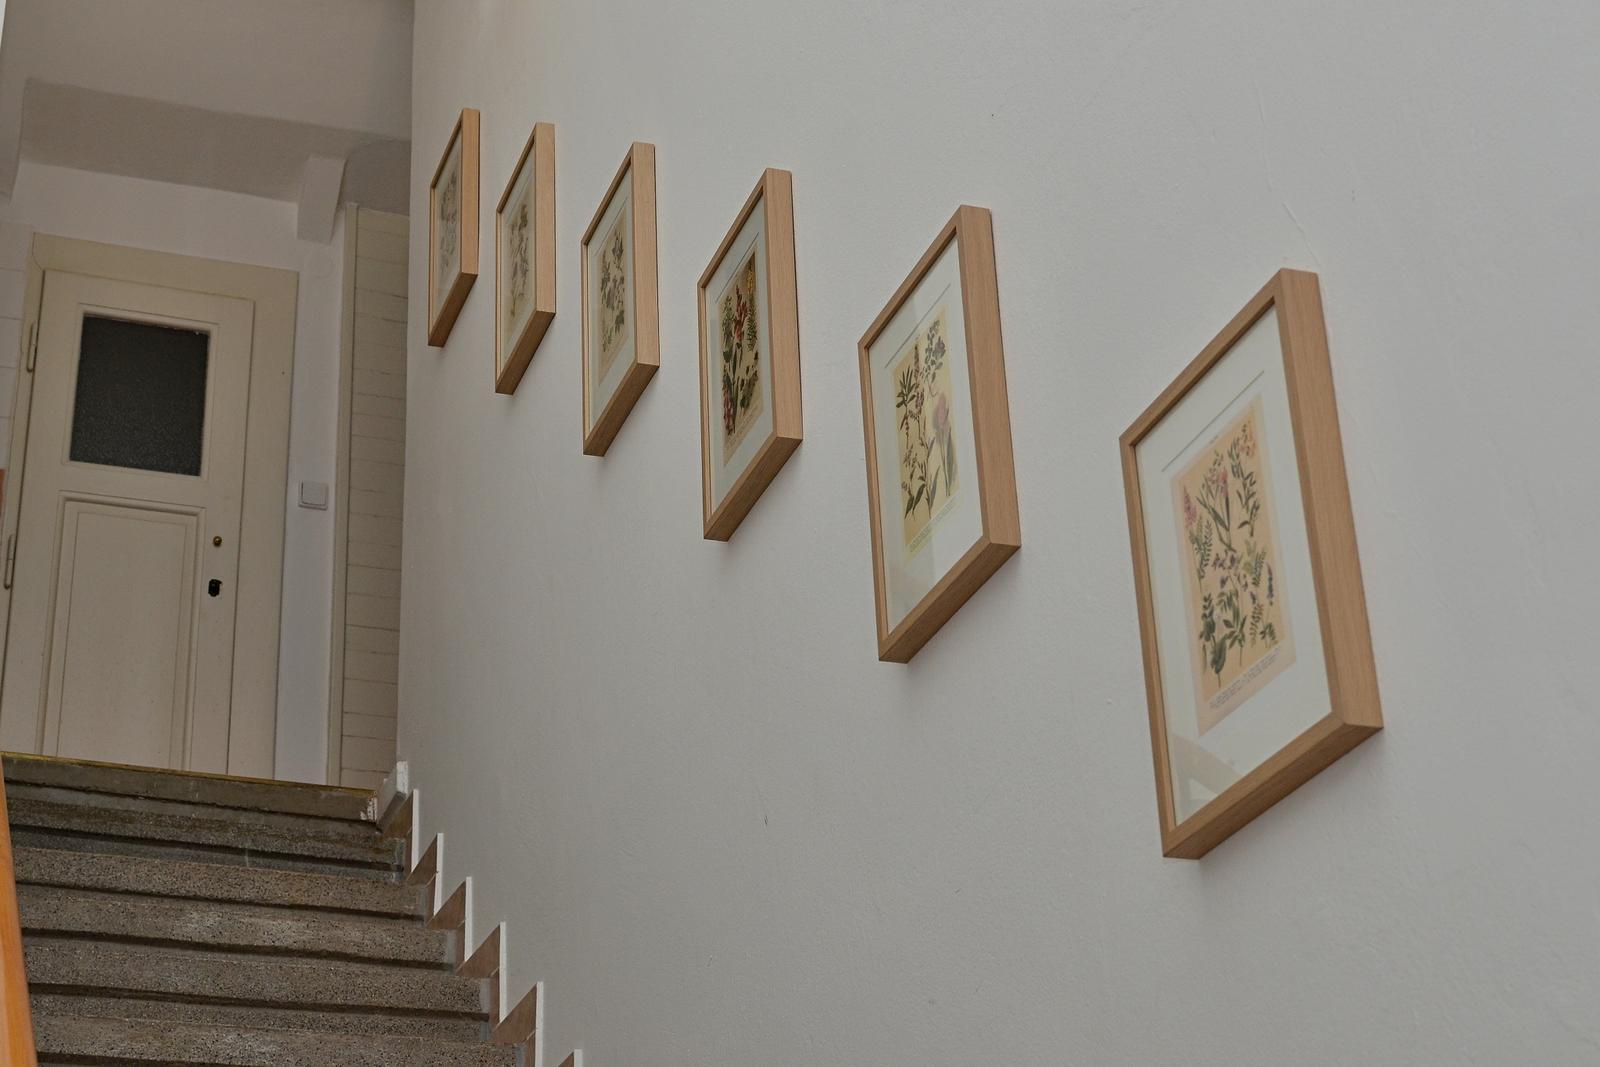 Rekonstrukce našeho domečku - aspoň trošku jsme vylepšili chodbu a schodiště do patra - zatím musí stačit